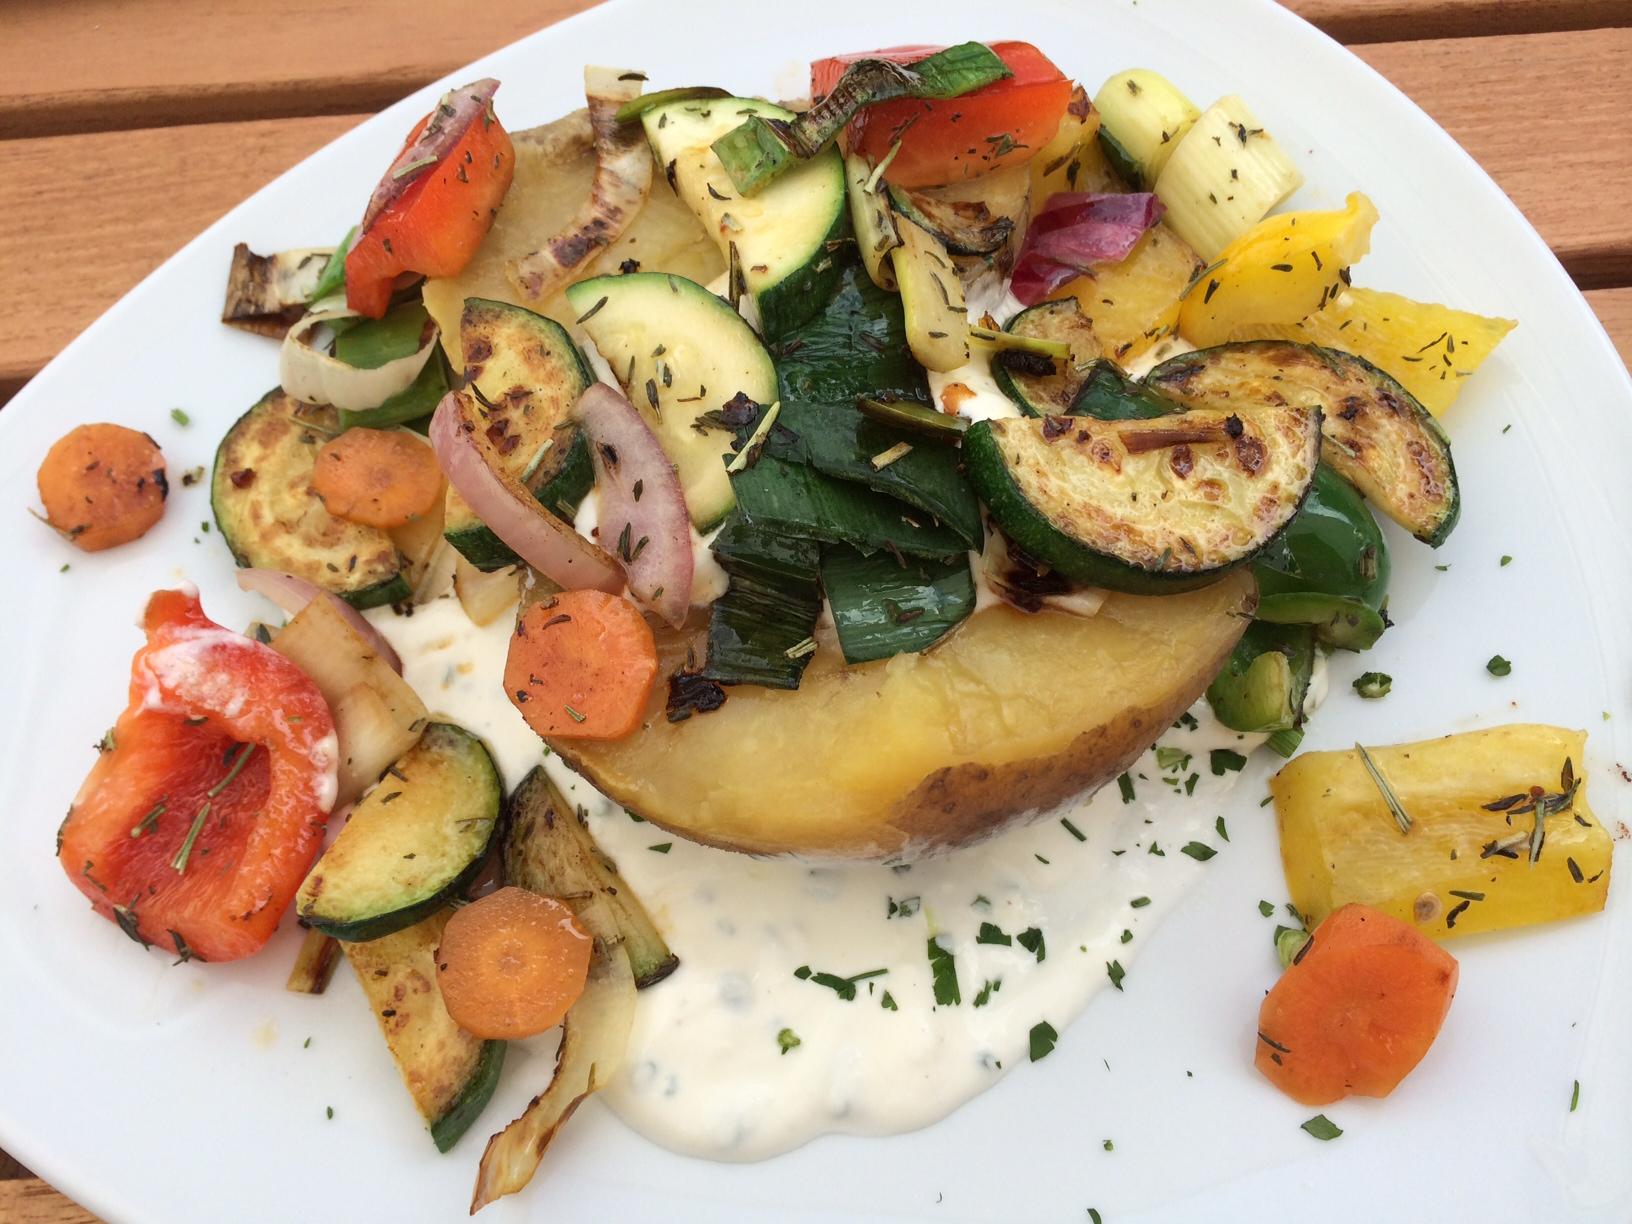 Ofenkartoffel mit Schnittlauchsauce und Gemüse